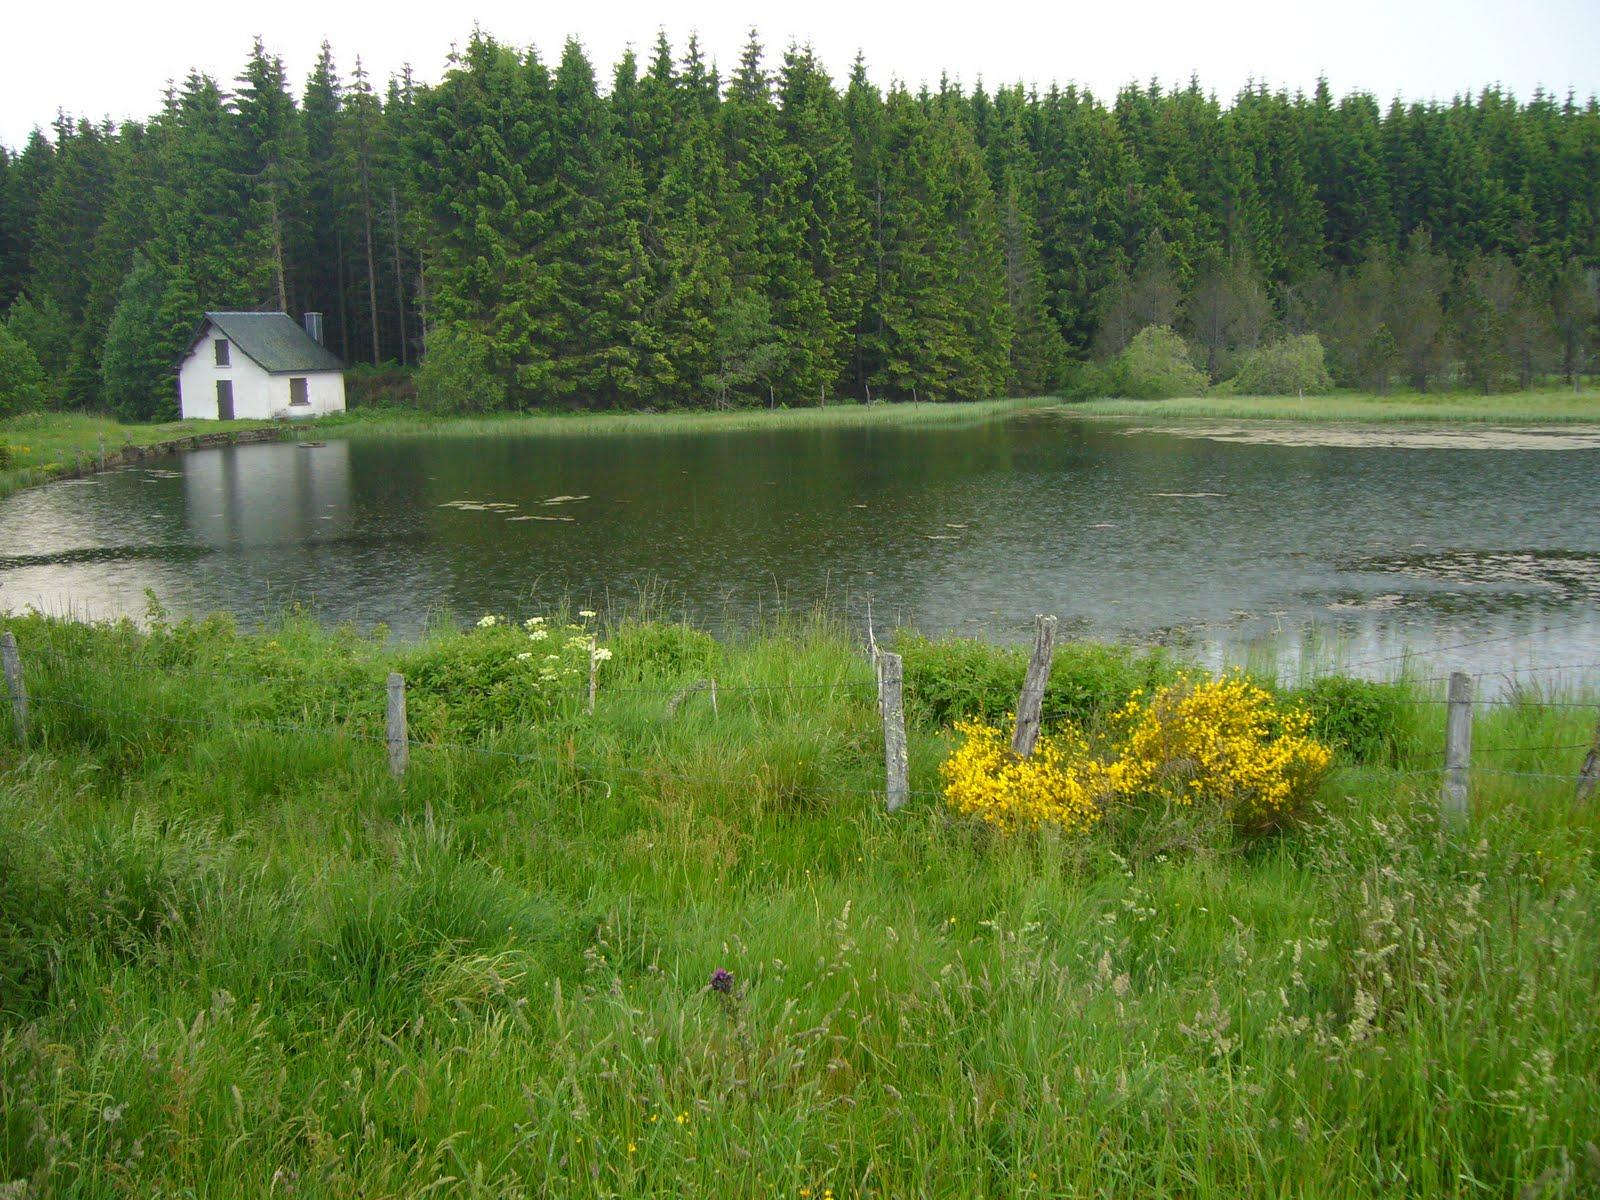 Au bord du lac elle montre son cul - 3 10